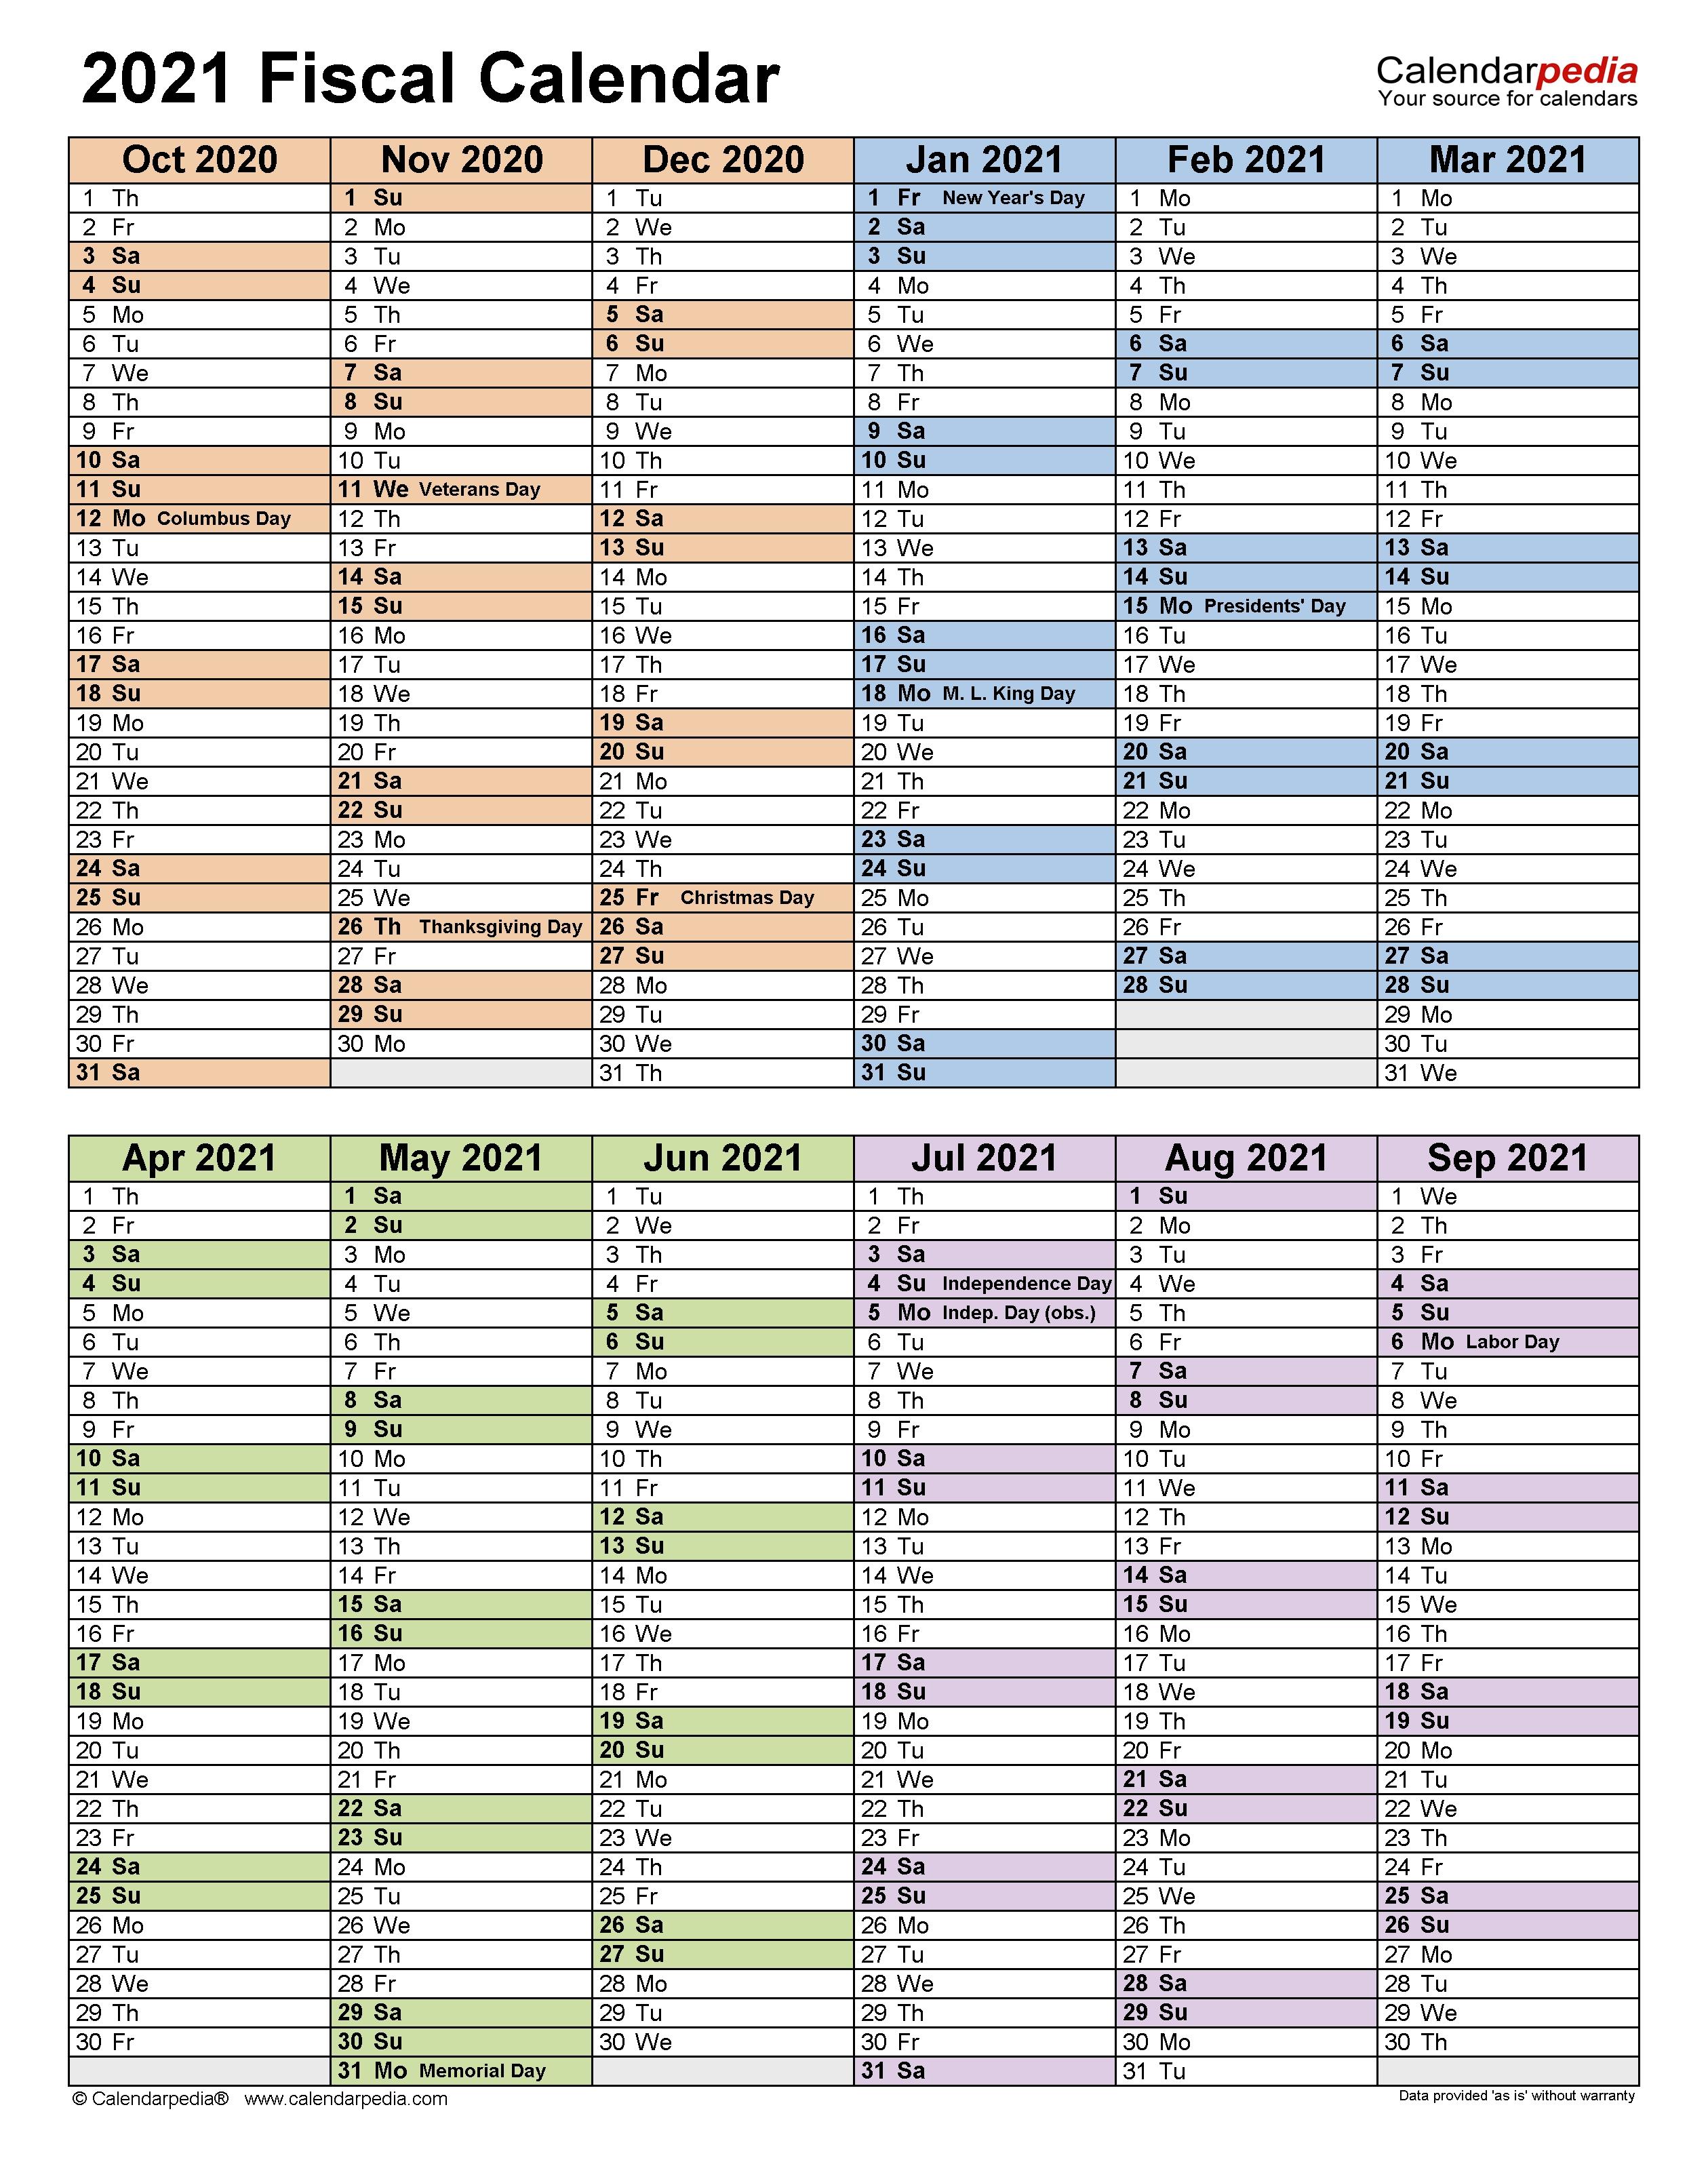 Fiscal Calendars 2021 - Free Printable Excel Templates  2021 19 Financial Calendar Printable